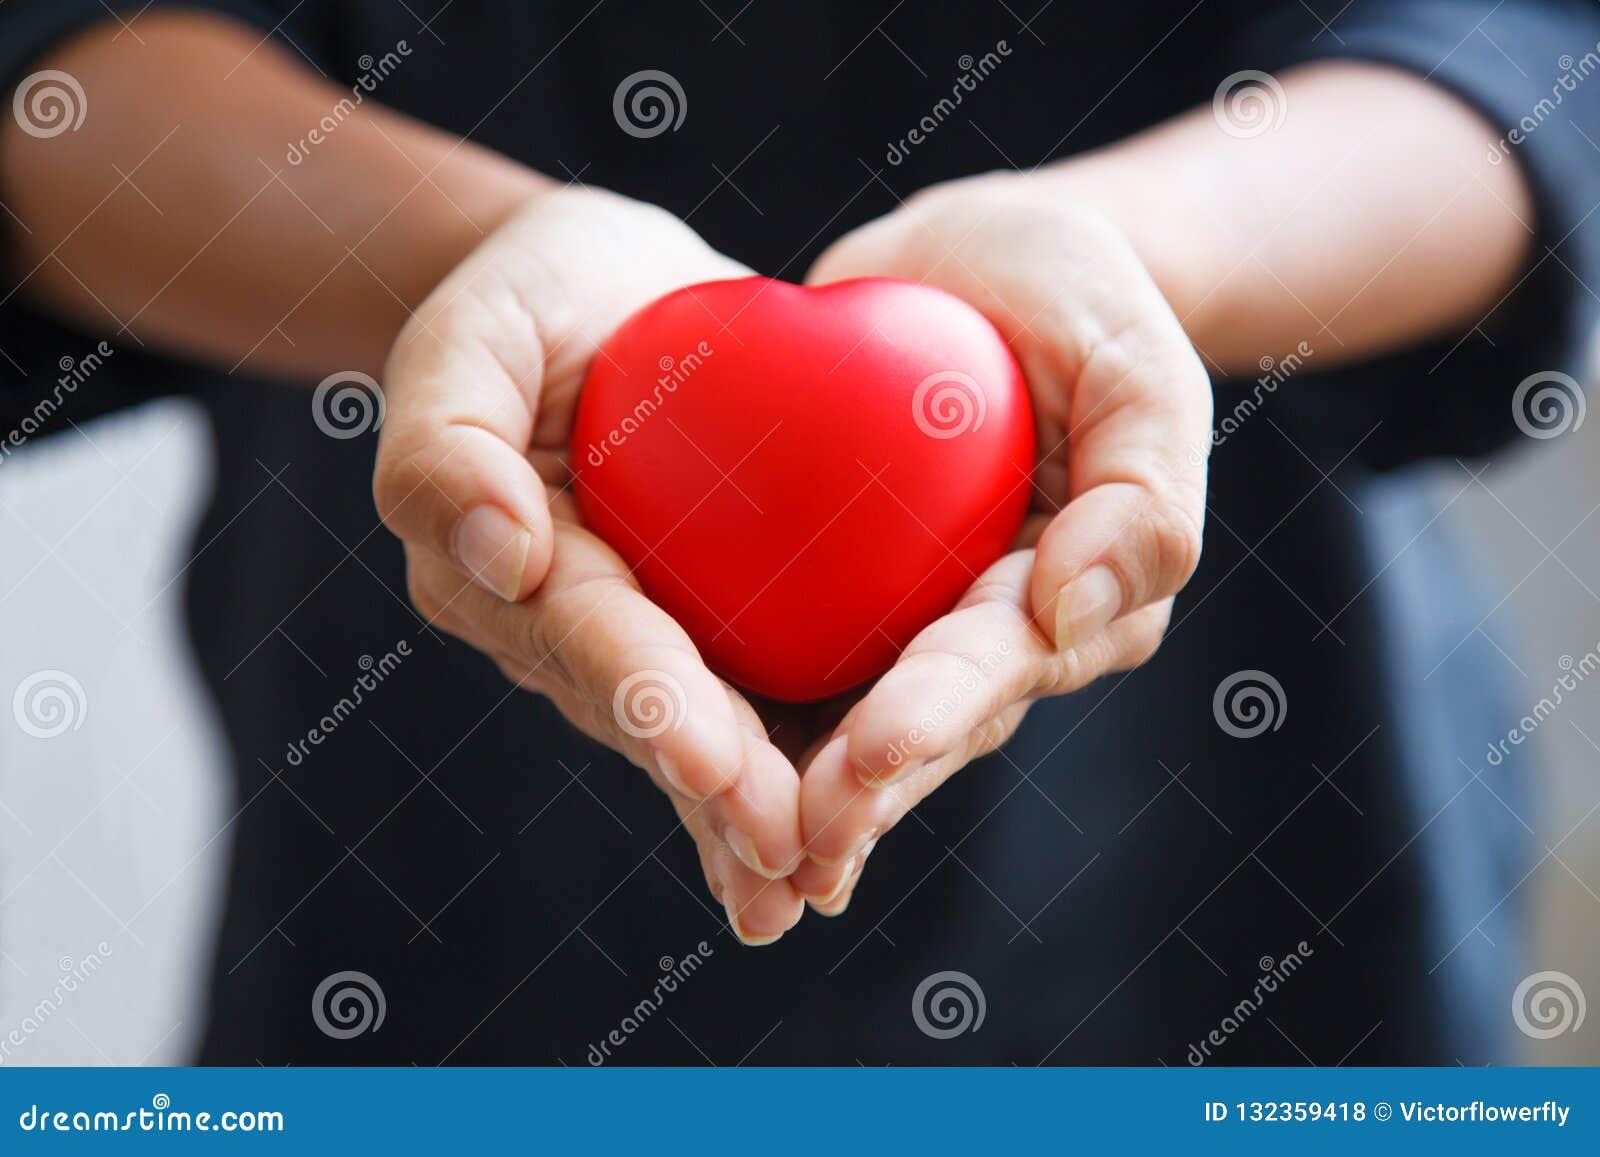 Il cuore rosso tenuto da entrambe le mani della femmina, rappresenta le mani amiche, preoccupantesi, l amore, la compassione, la